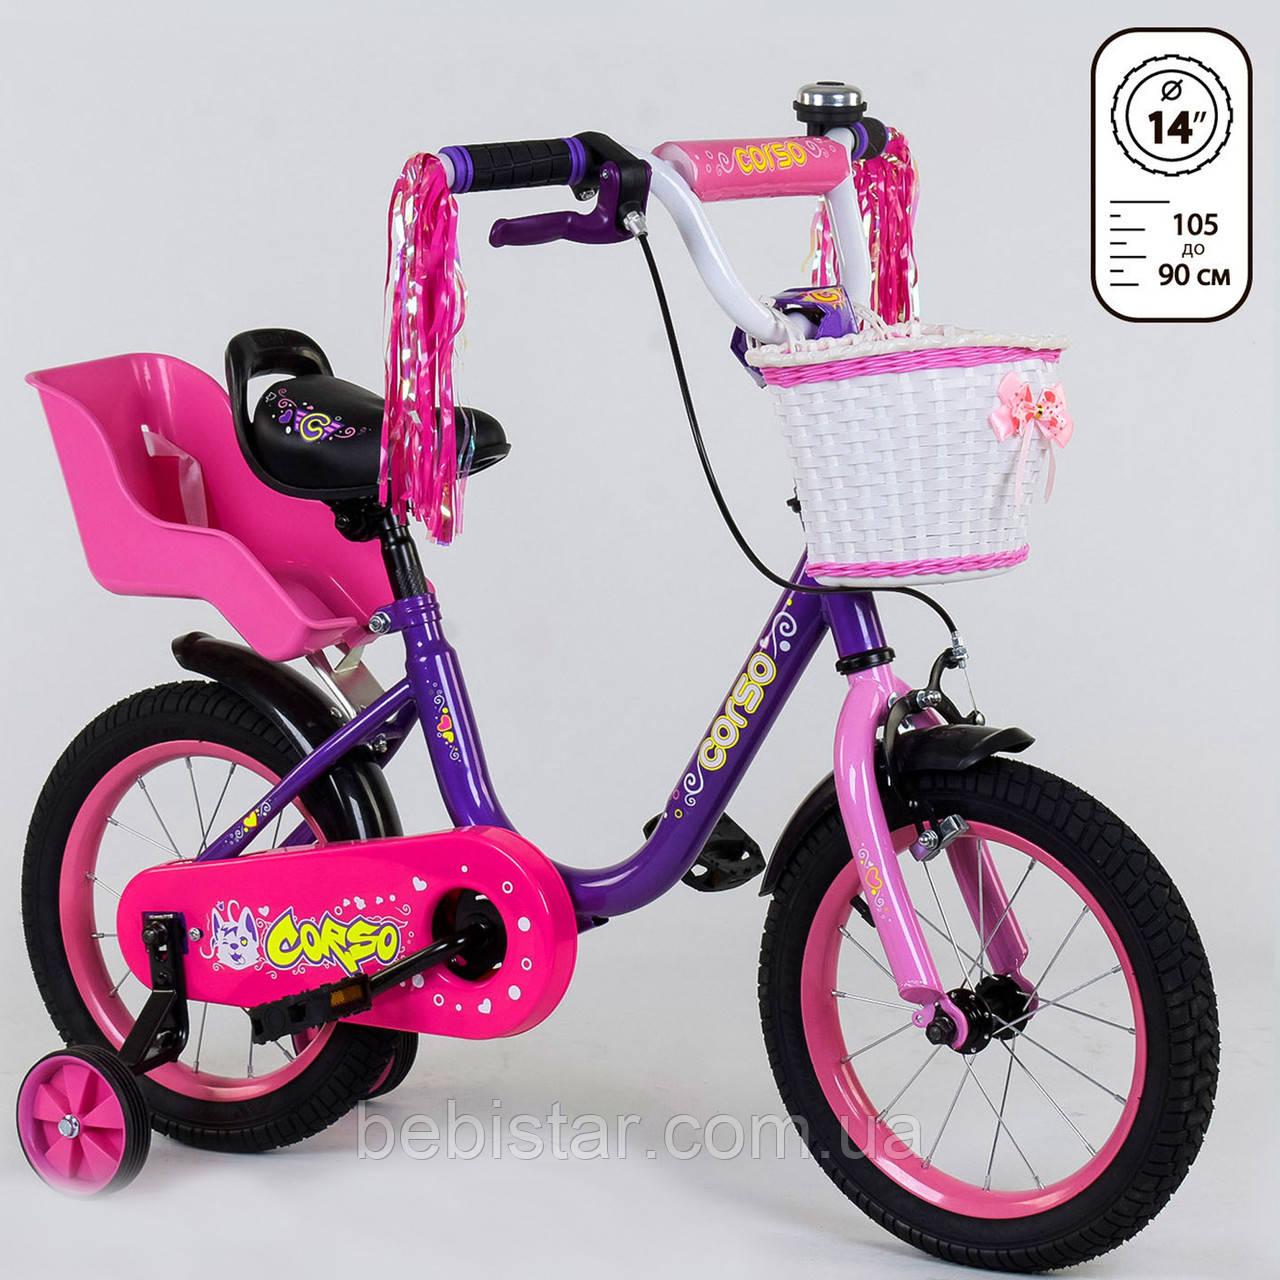 """Двухколесный детский велосипед ФИОЛЕТОВЫЙ, ручной тормоз, корзинка, сидение для куклы Corso 14"""" деткам 4-5 лет"""